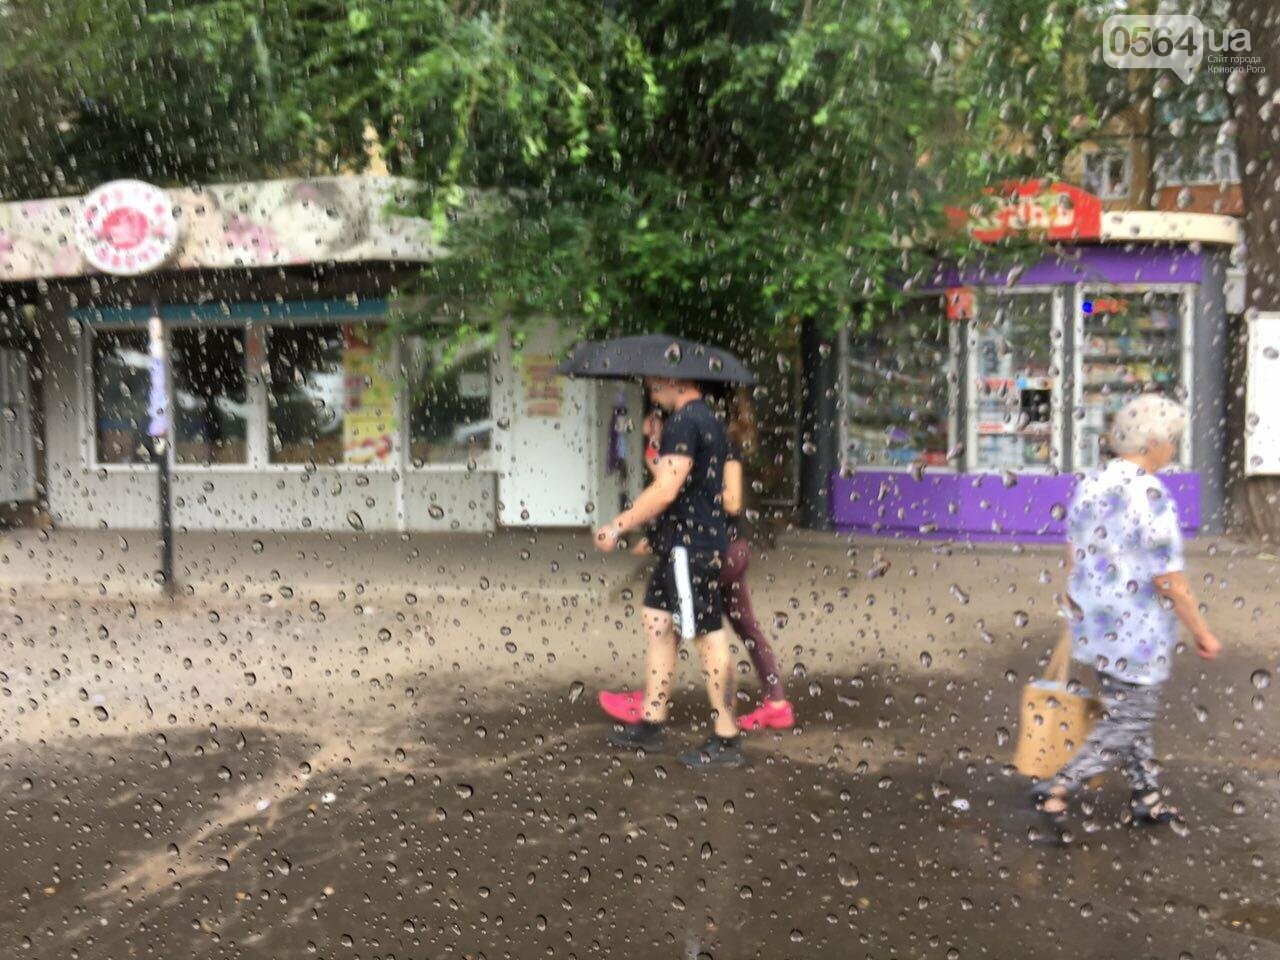 Маршрут дождя: В Кривом Роге в одних районах льет ливень, в других ярко светит солнце, - ФОТО, фото-9